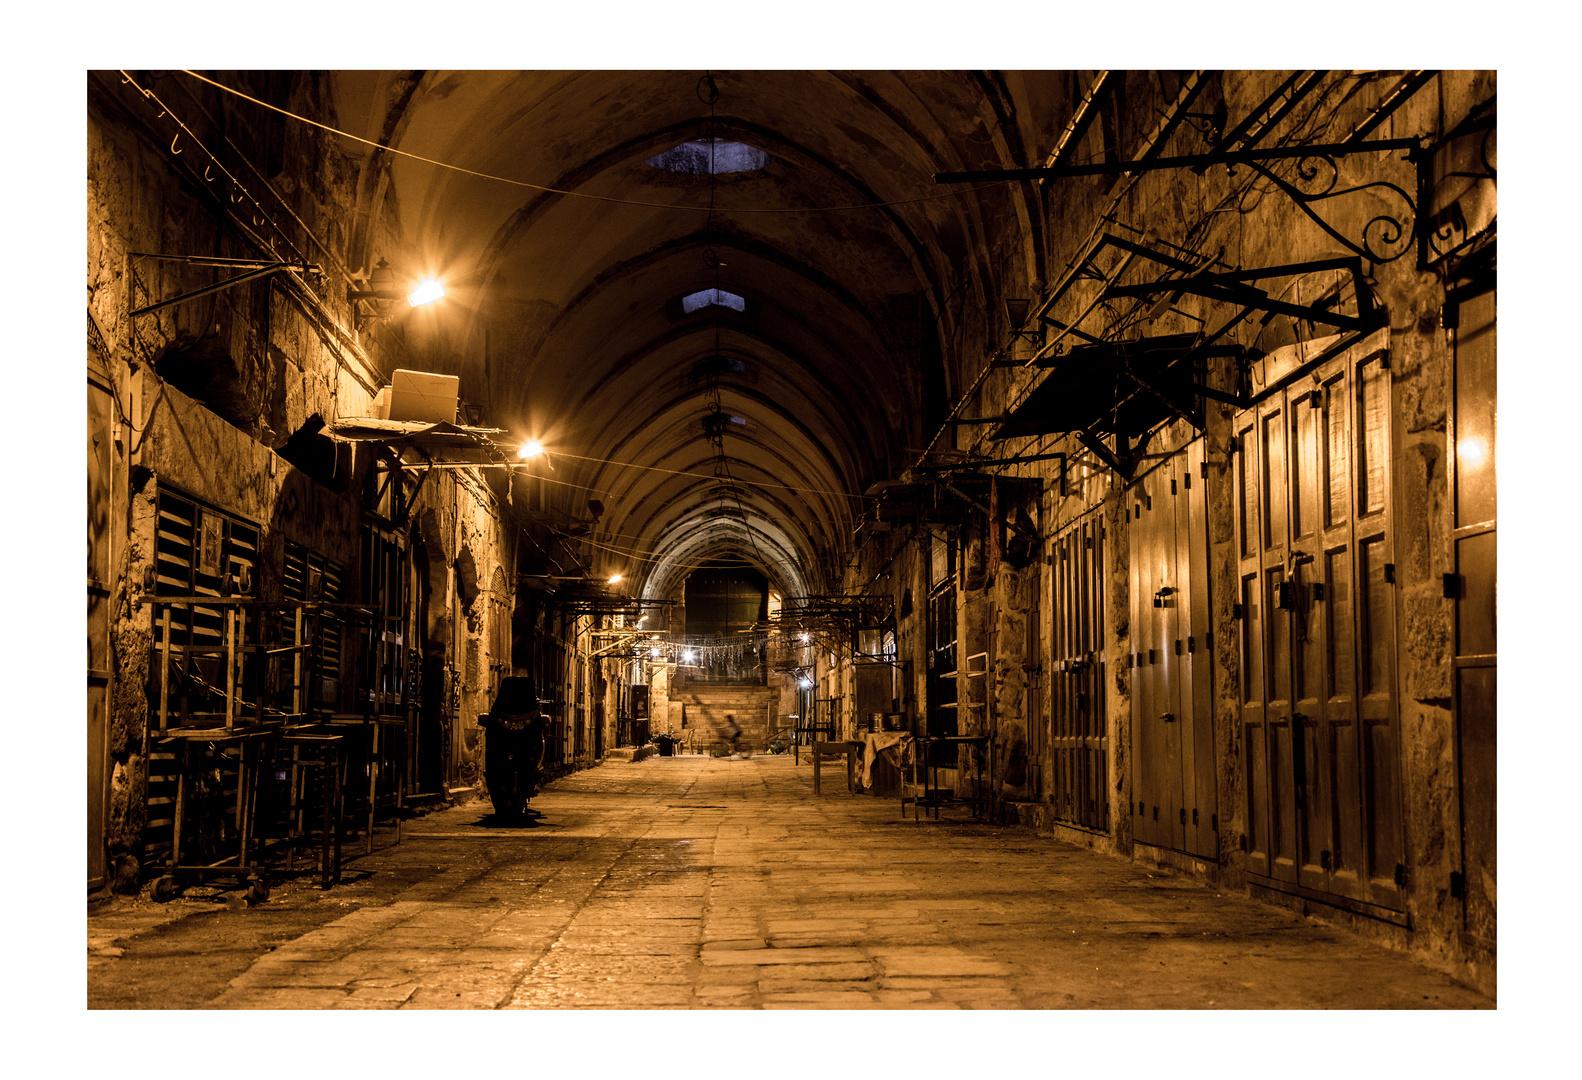 Bazar at night